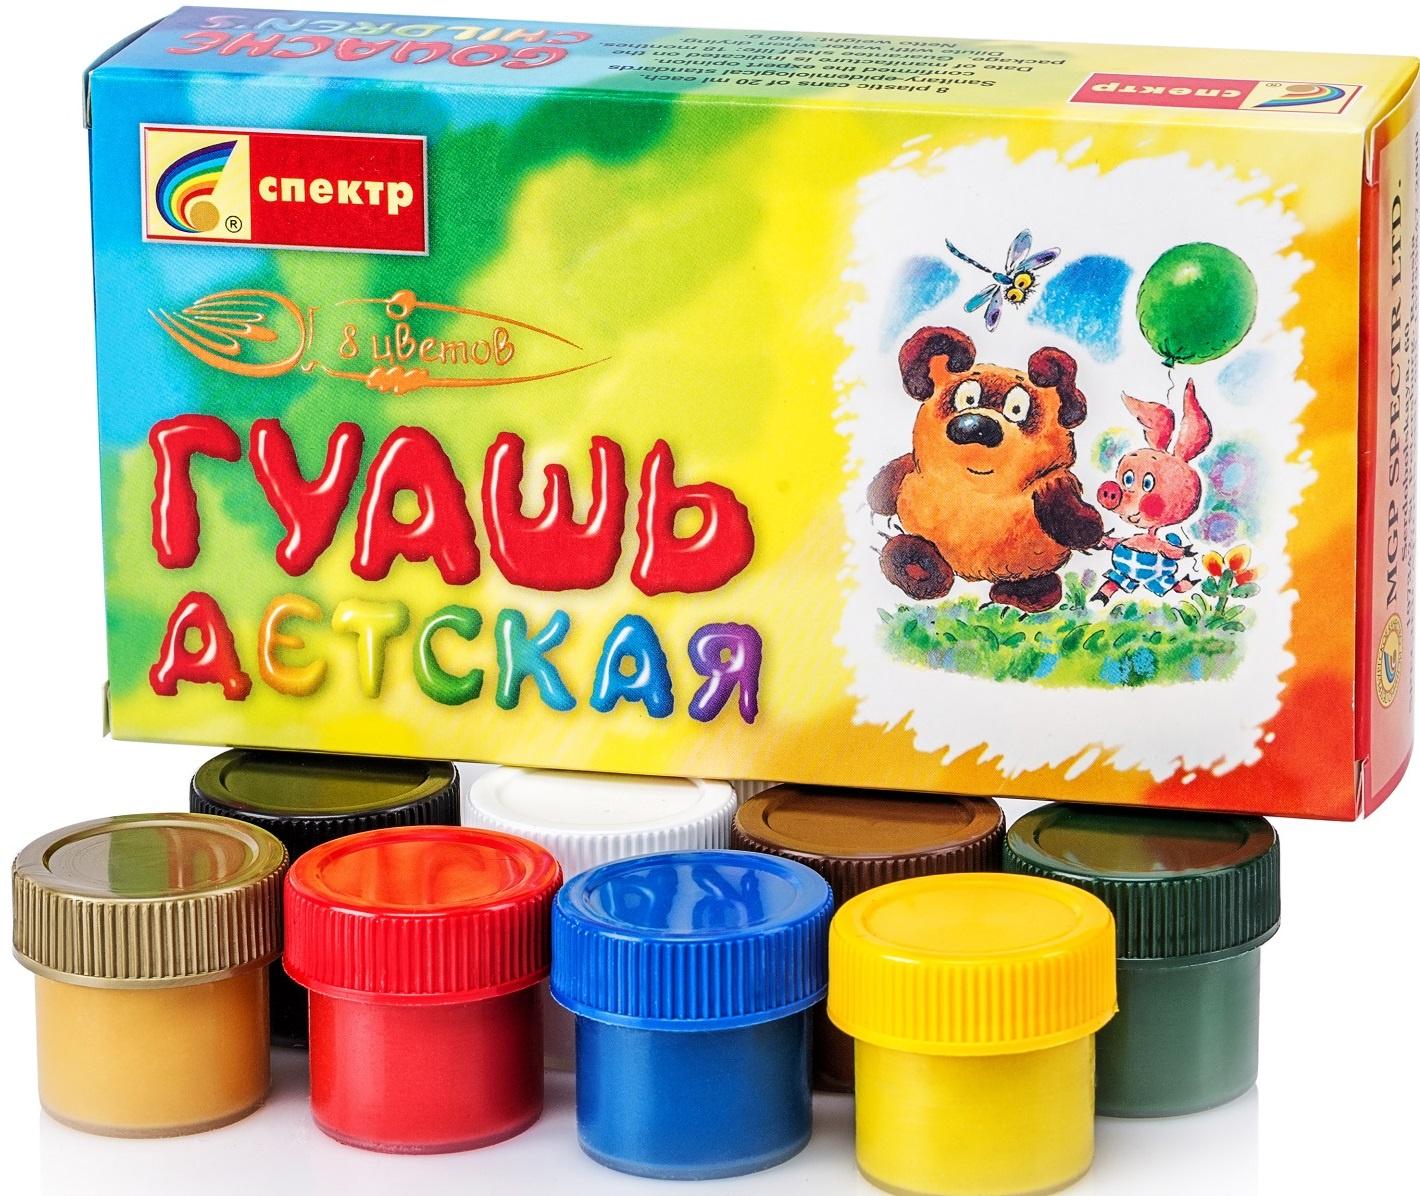 """Гуашь Спектр """"Детская"""" набор 8 цветов, белый, голубой, горчичный, желтый, зеленый, коричневый, красный, черный"""